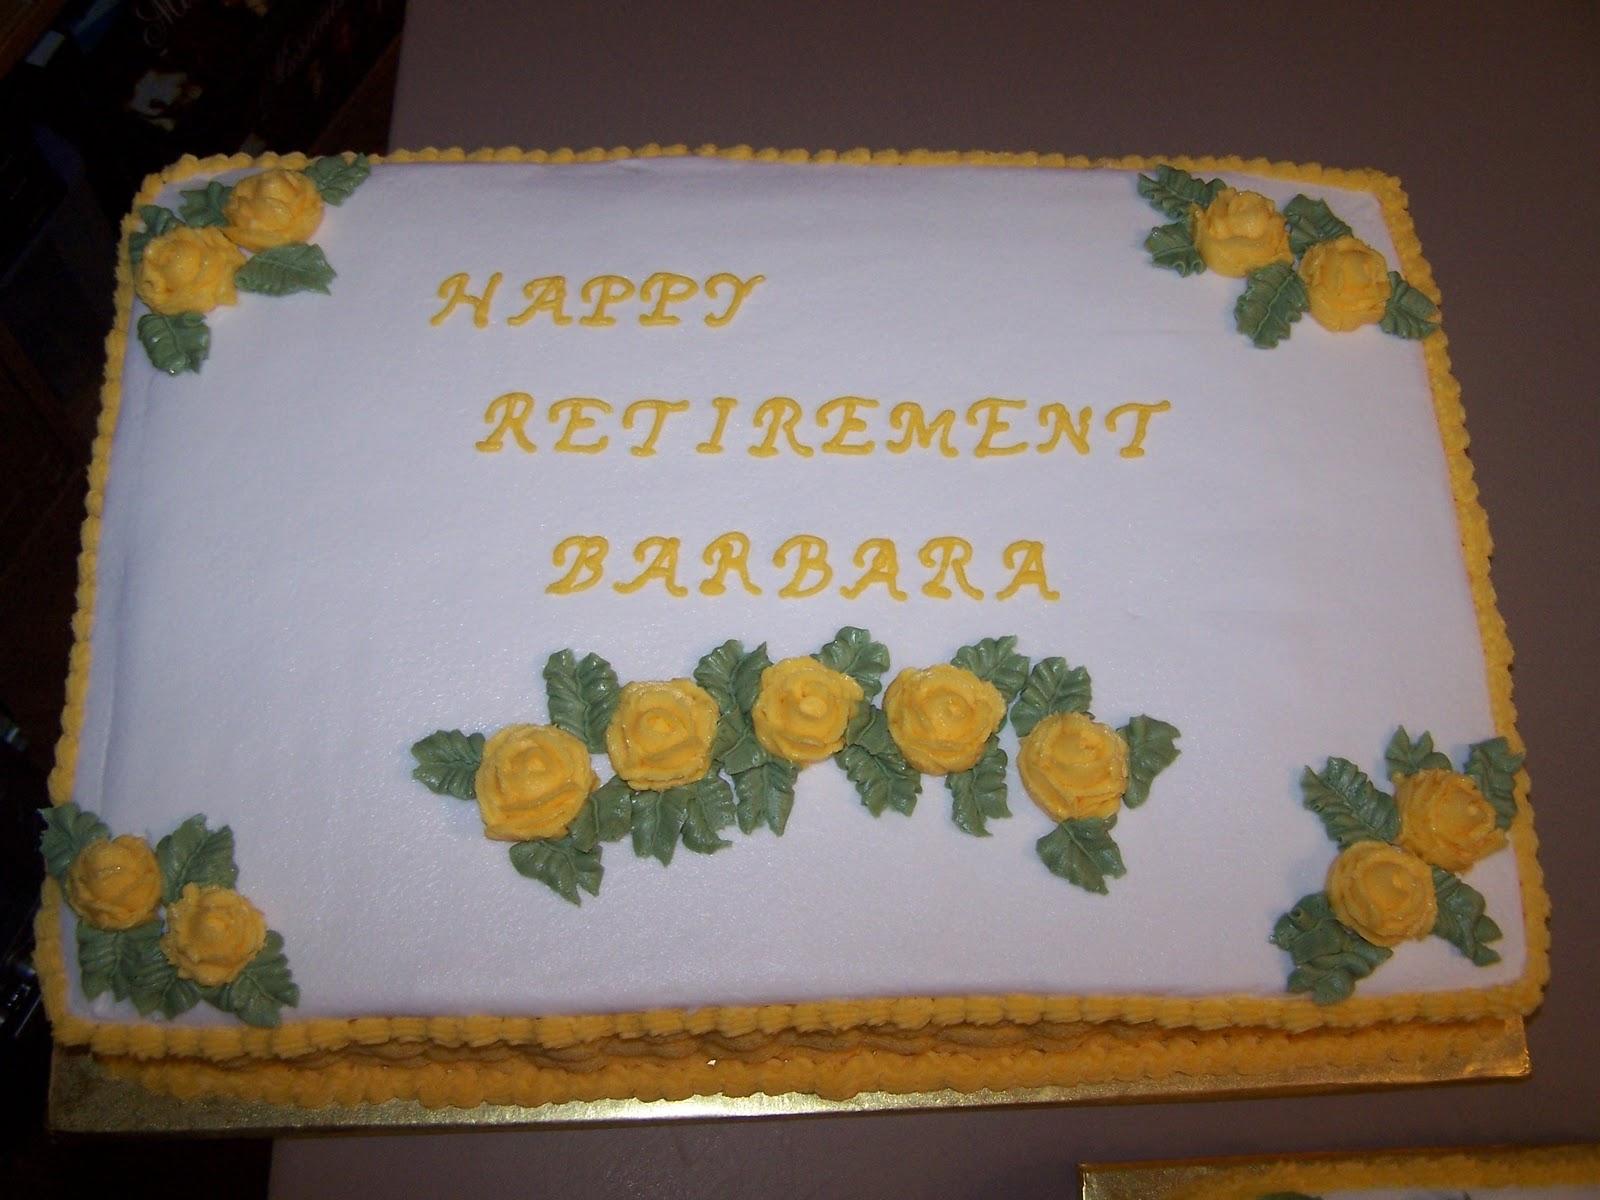 Cake Design Quotes : Cake Decorating Quotes. QuotesGram